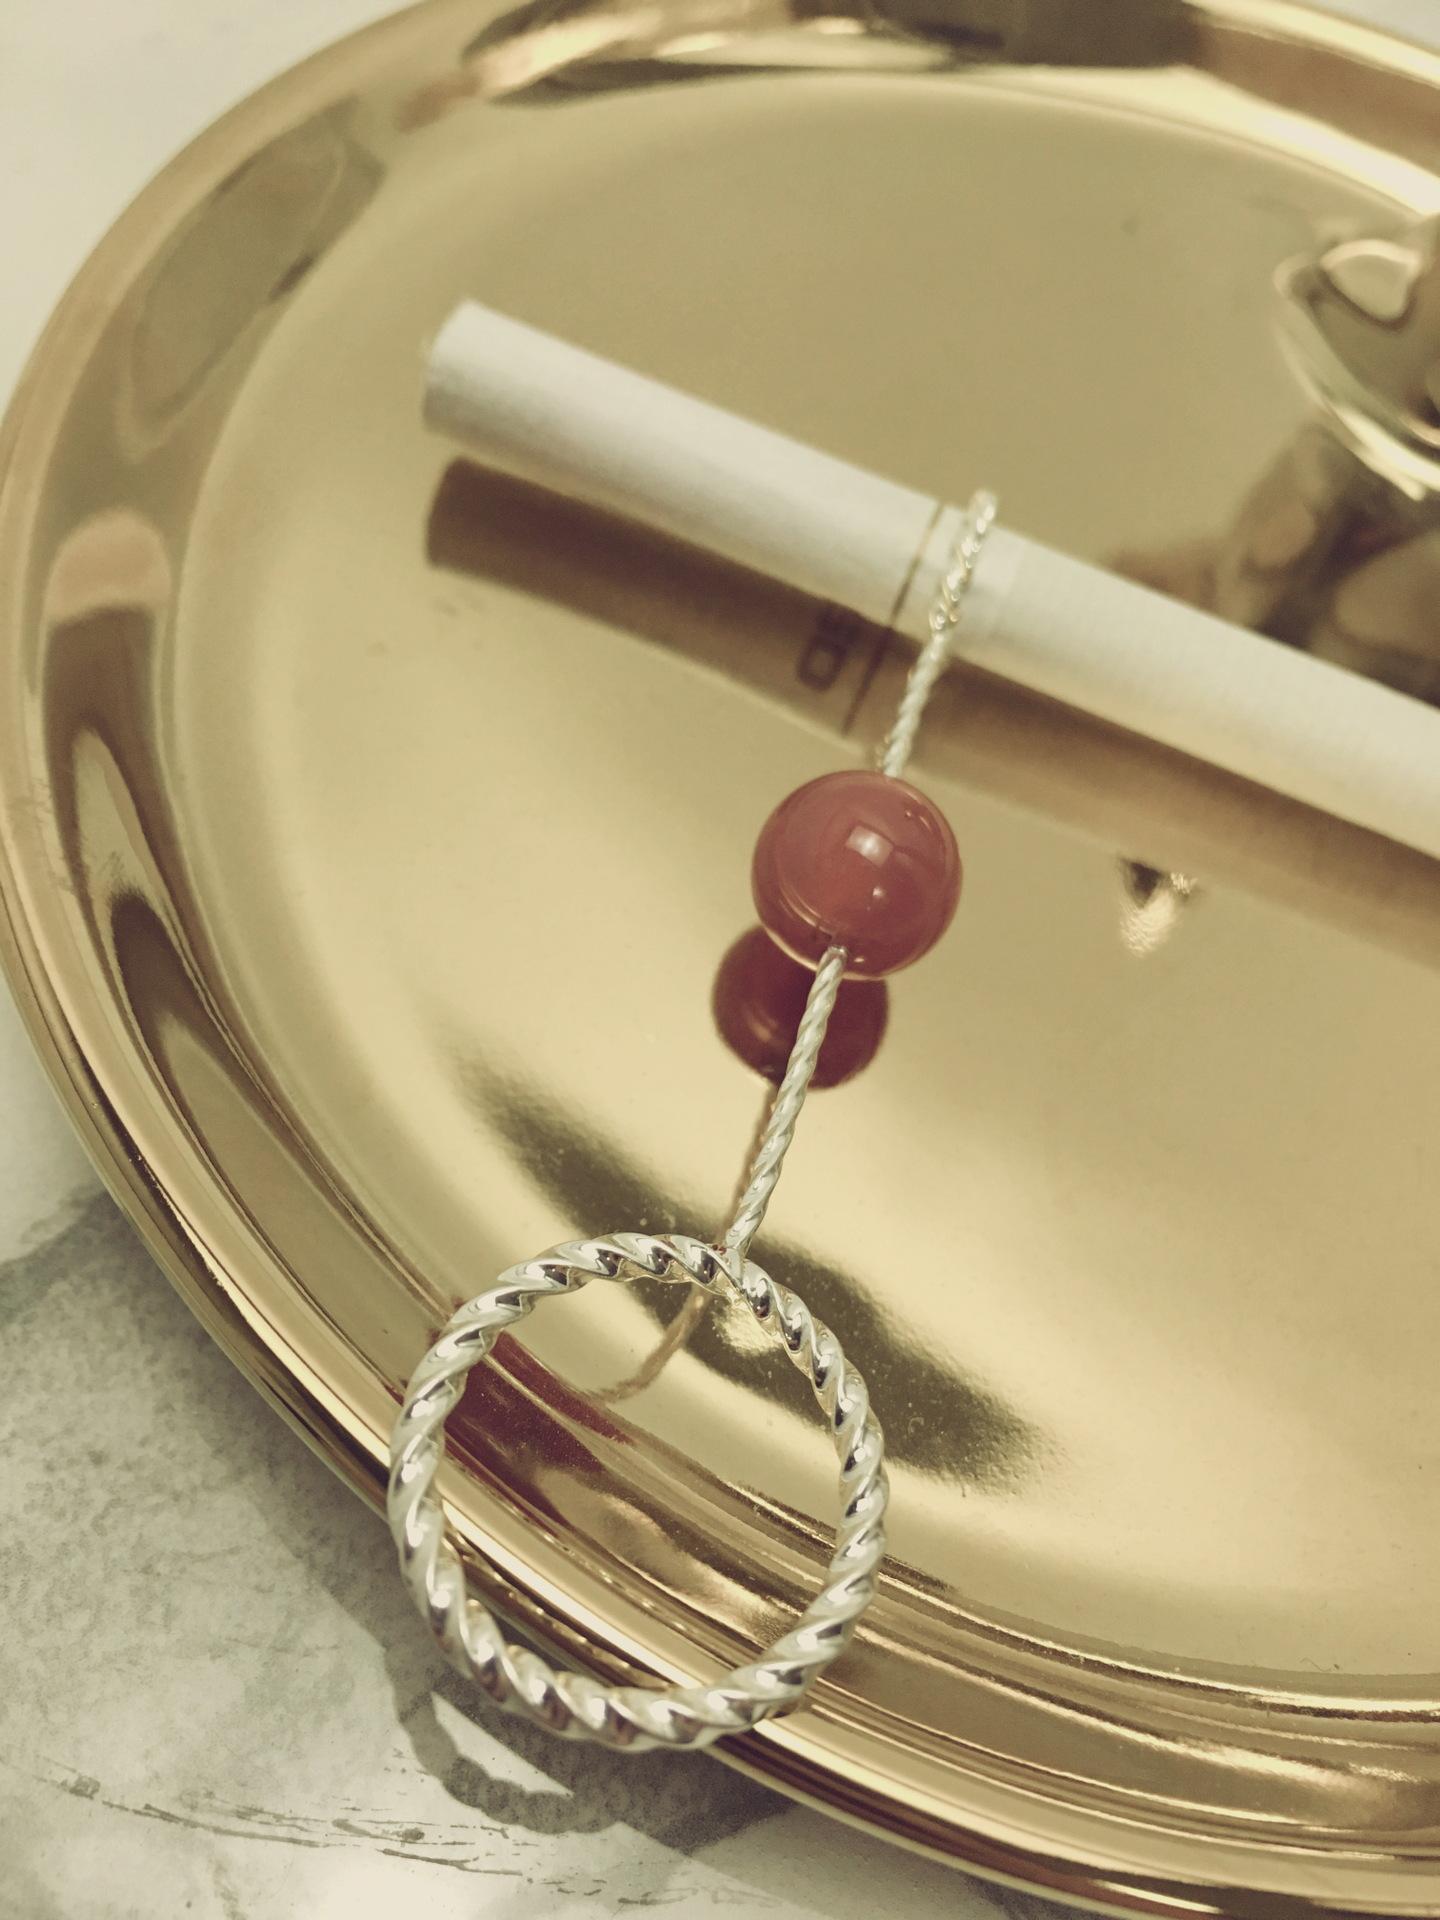 烟托戒指男士抽烟指环架托烟嘴创意个性红绿蓝色珠子宋佳同款